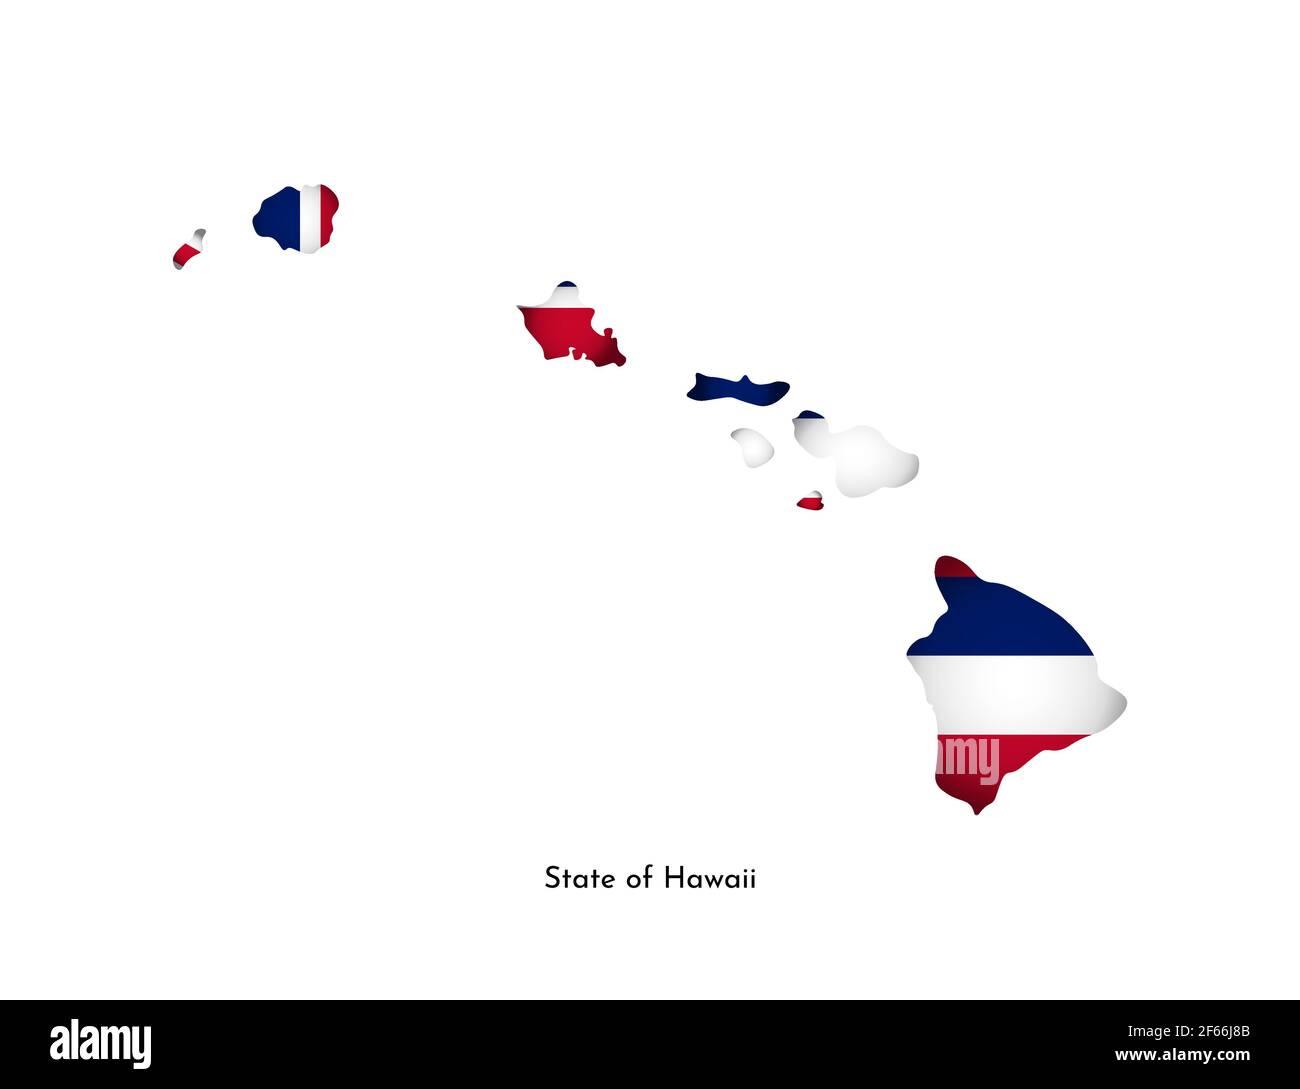 Vector ilustración aislada con bandera y mapa simplificado de Hawai (Estado de EE.UU.). Sombra de volumen en el mapa. Fondo blanco Ilustración del Vector